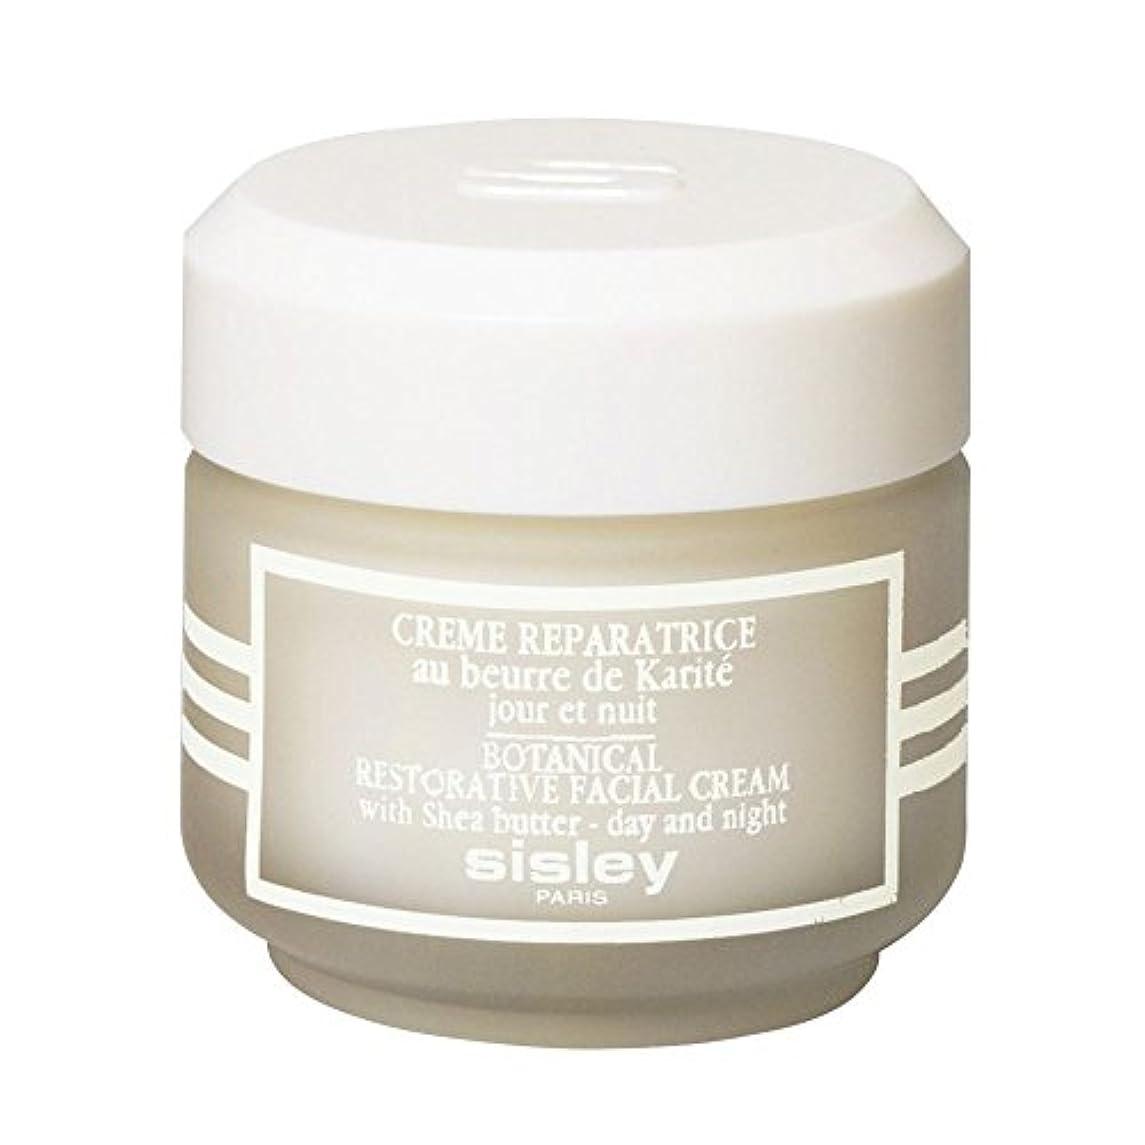 はっきりと音楽家放棄する[Sisley] シスレーボタニカル修復フェイスクリーム、50ミリリットル - Sisley Botanical Restorative Face Cream, 50ml [並行輸入品]